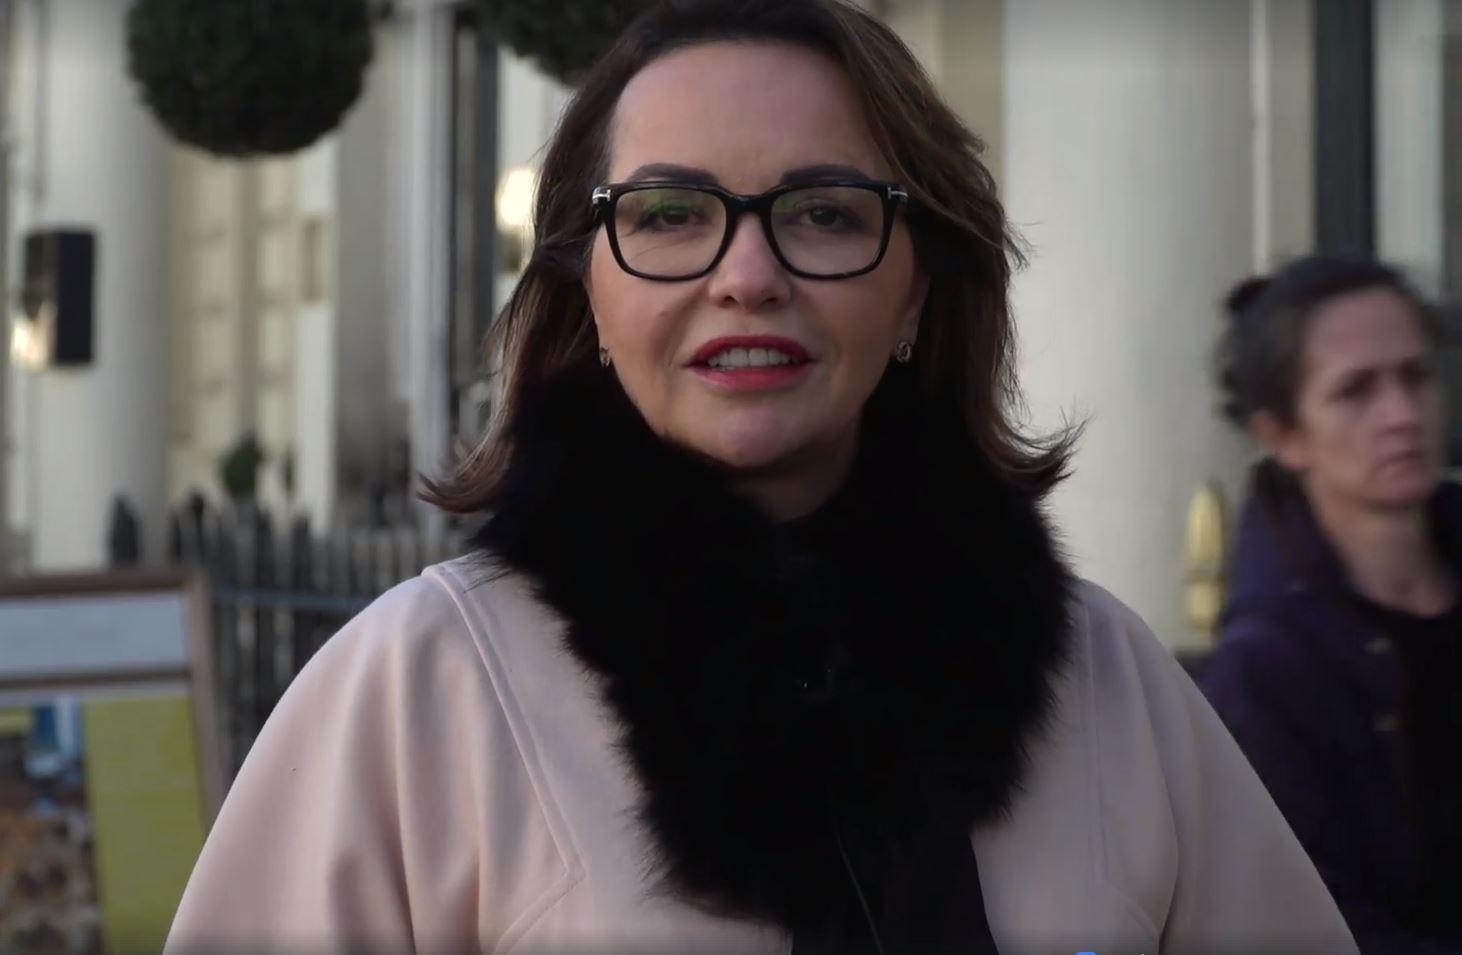 Gratë shqipëtare më të sukseshme në Londër, janë shembull për këdo